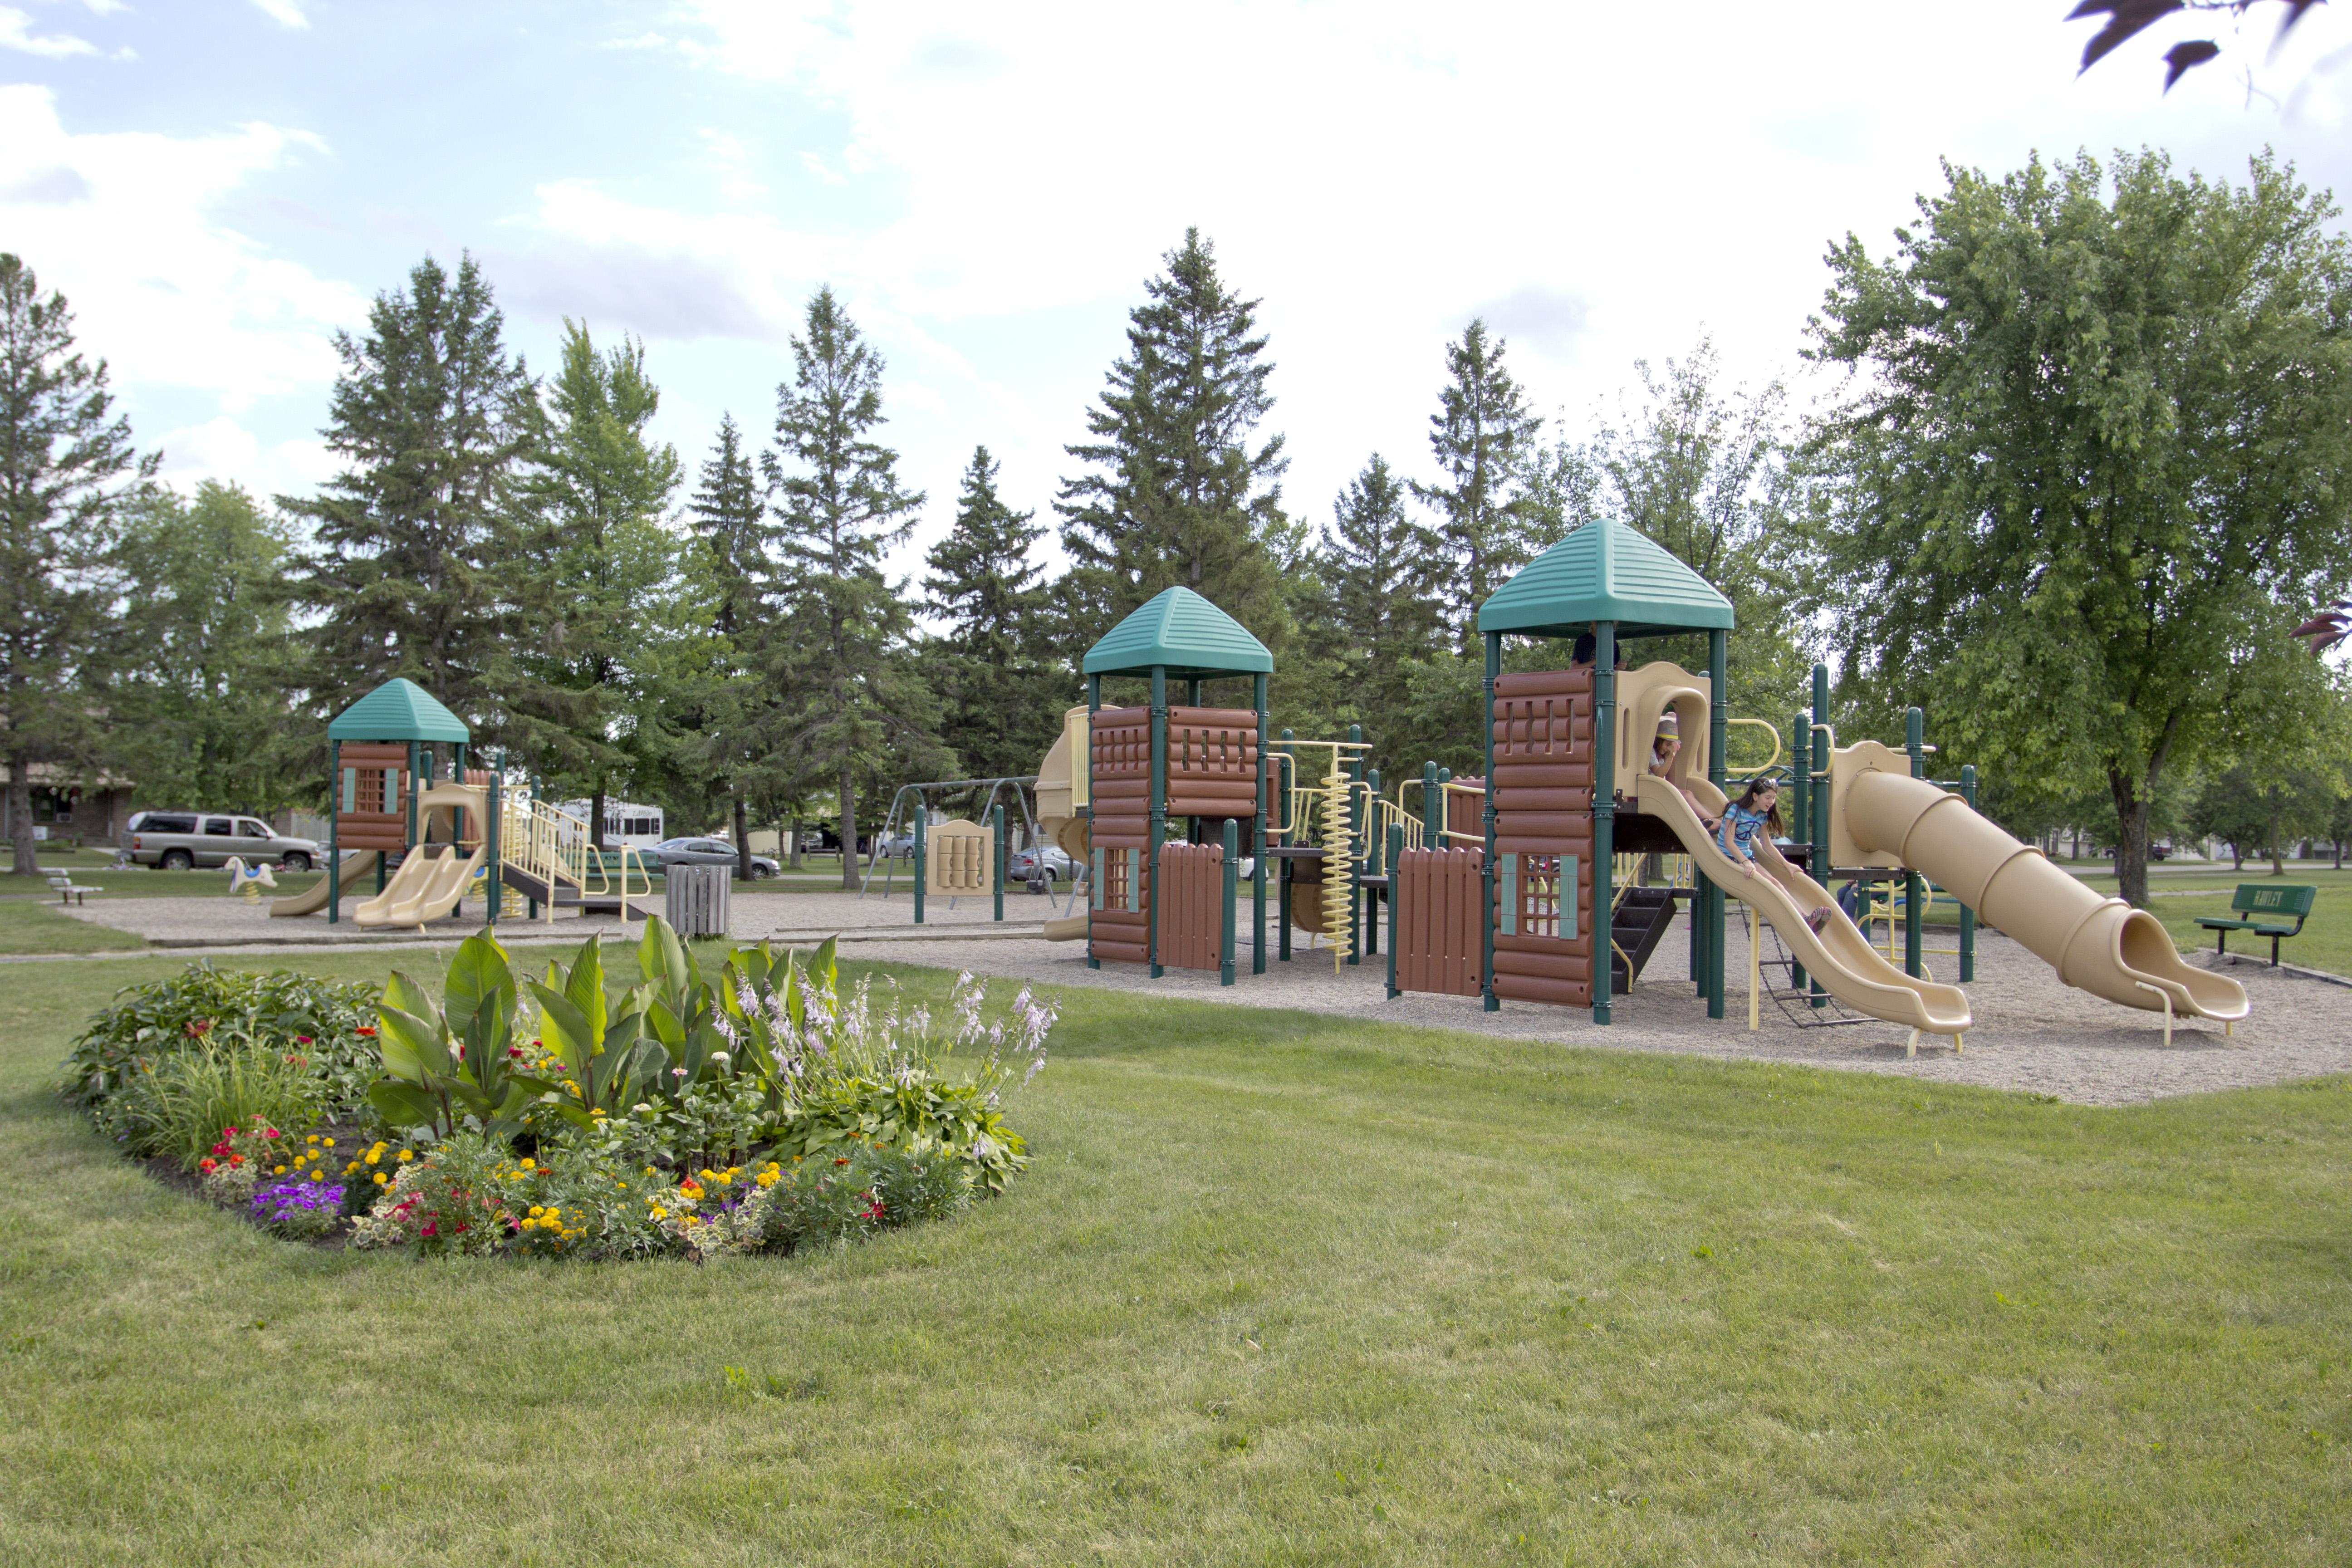 city-park-playground-equipment